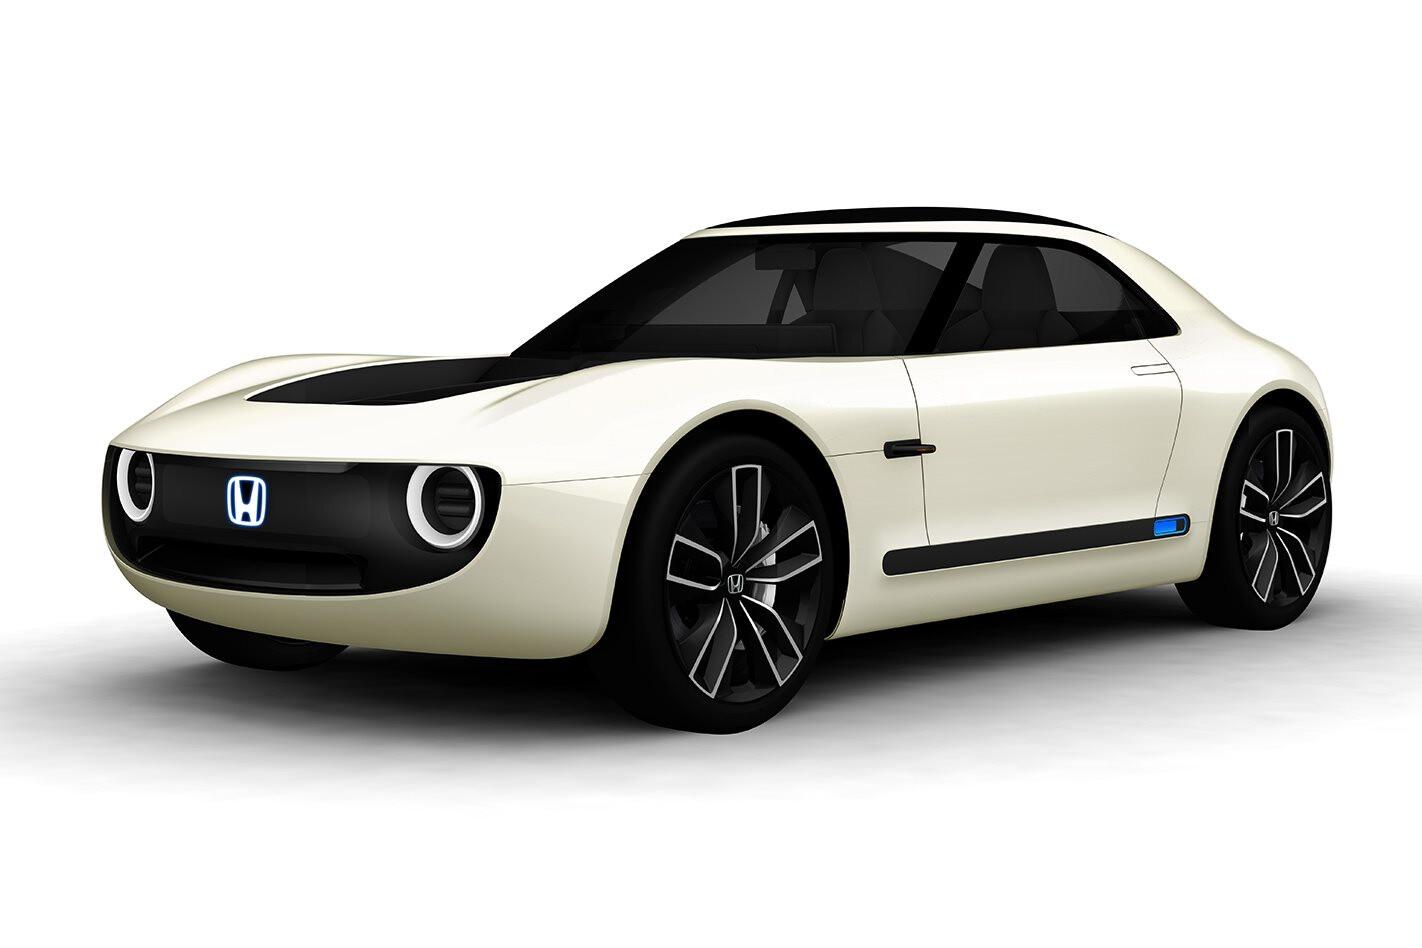 2017 Tokyo Motor Show: Honda unveils Sports EV Concept